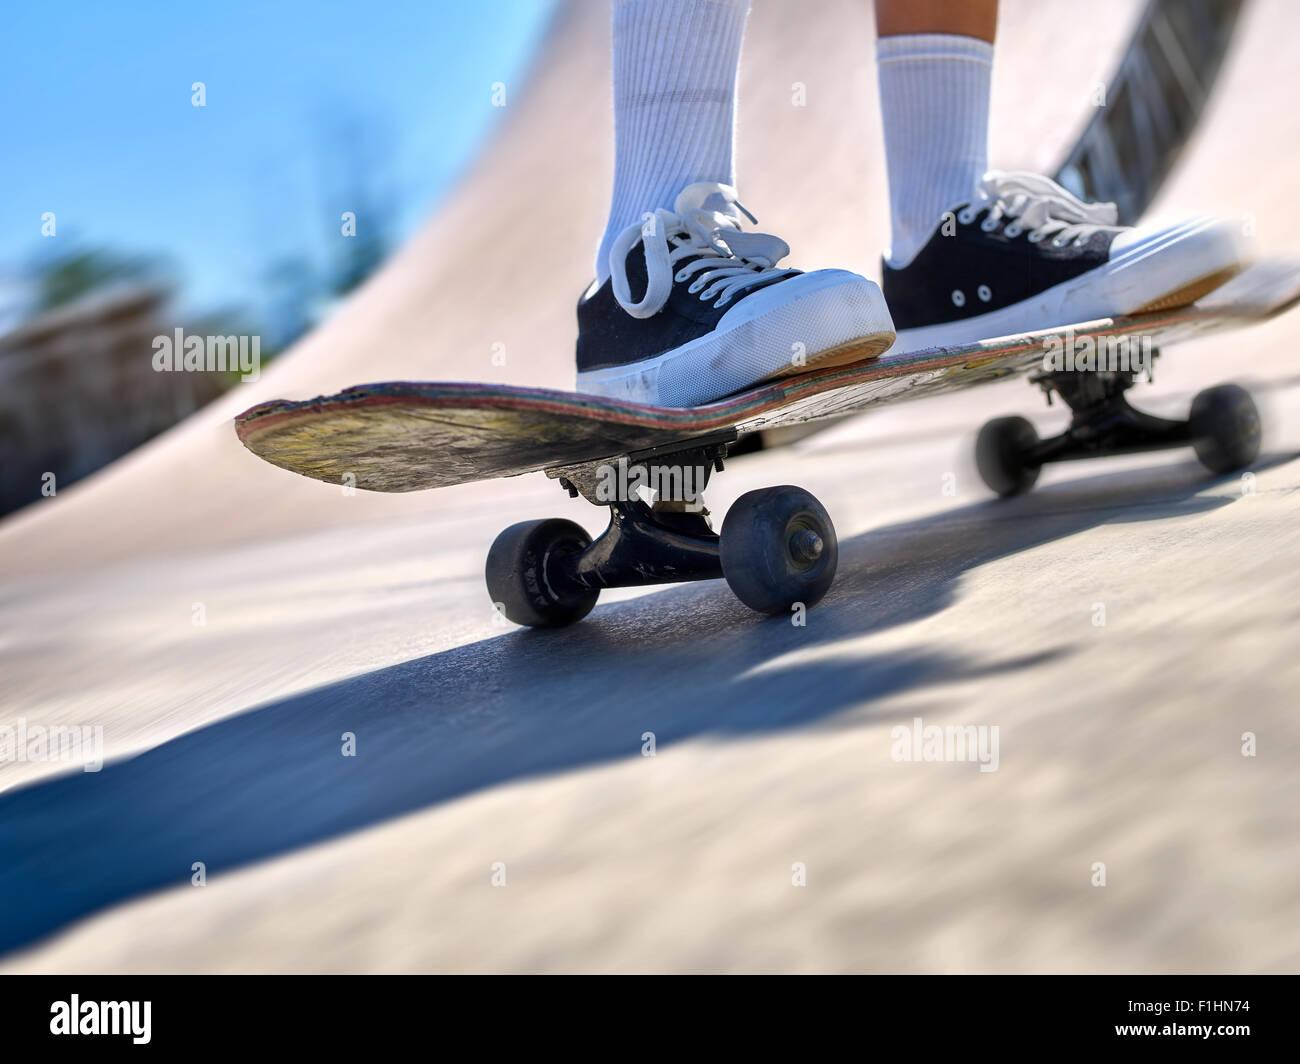 Gambe skateboard vicino fino in skate park. Sezione bassa. Immagini Stock